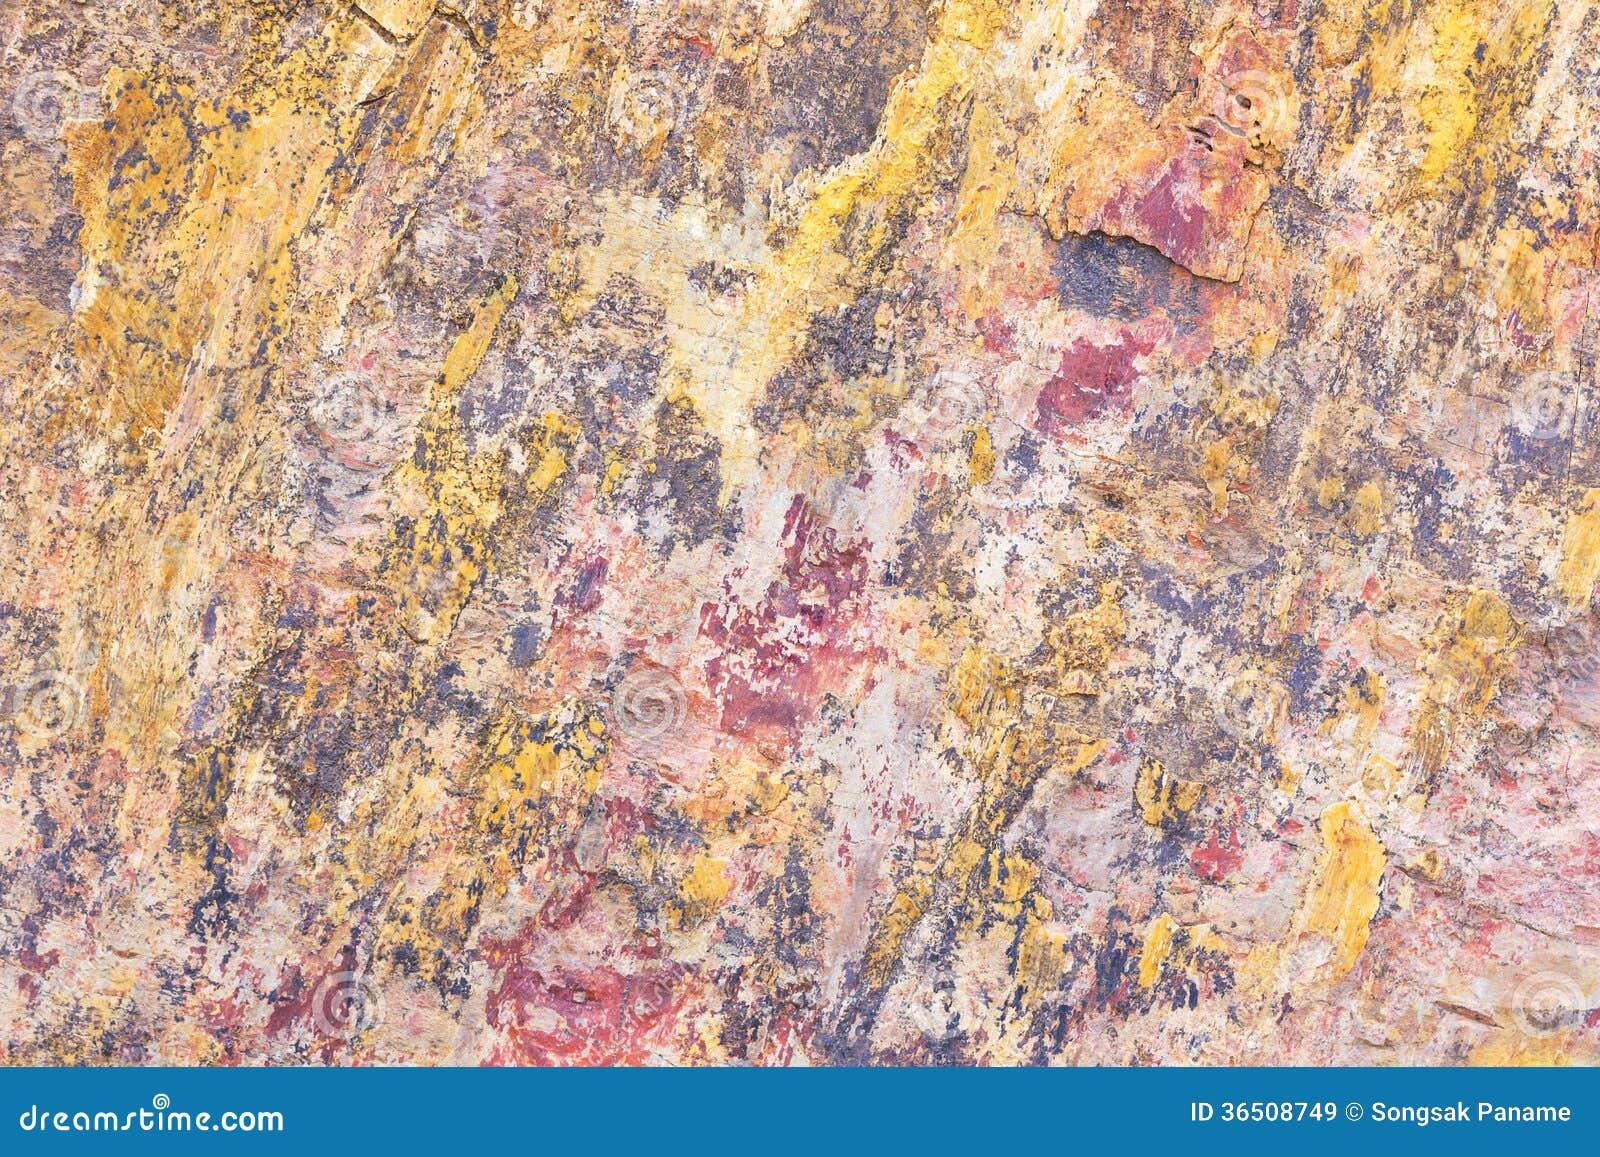 La texture de la pierre est des couleurs de modèle mélangée